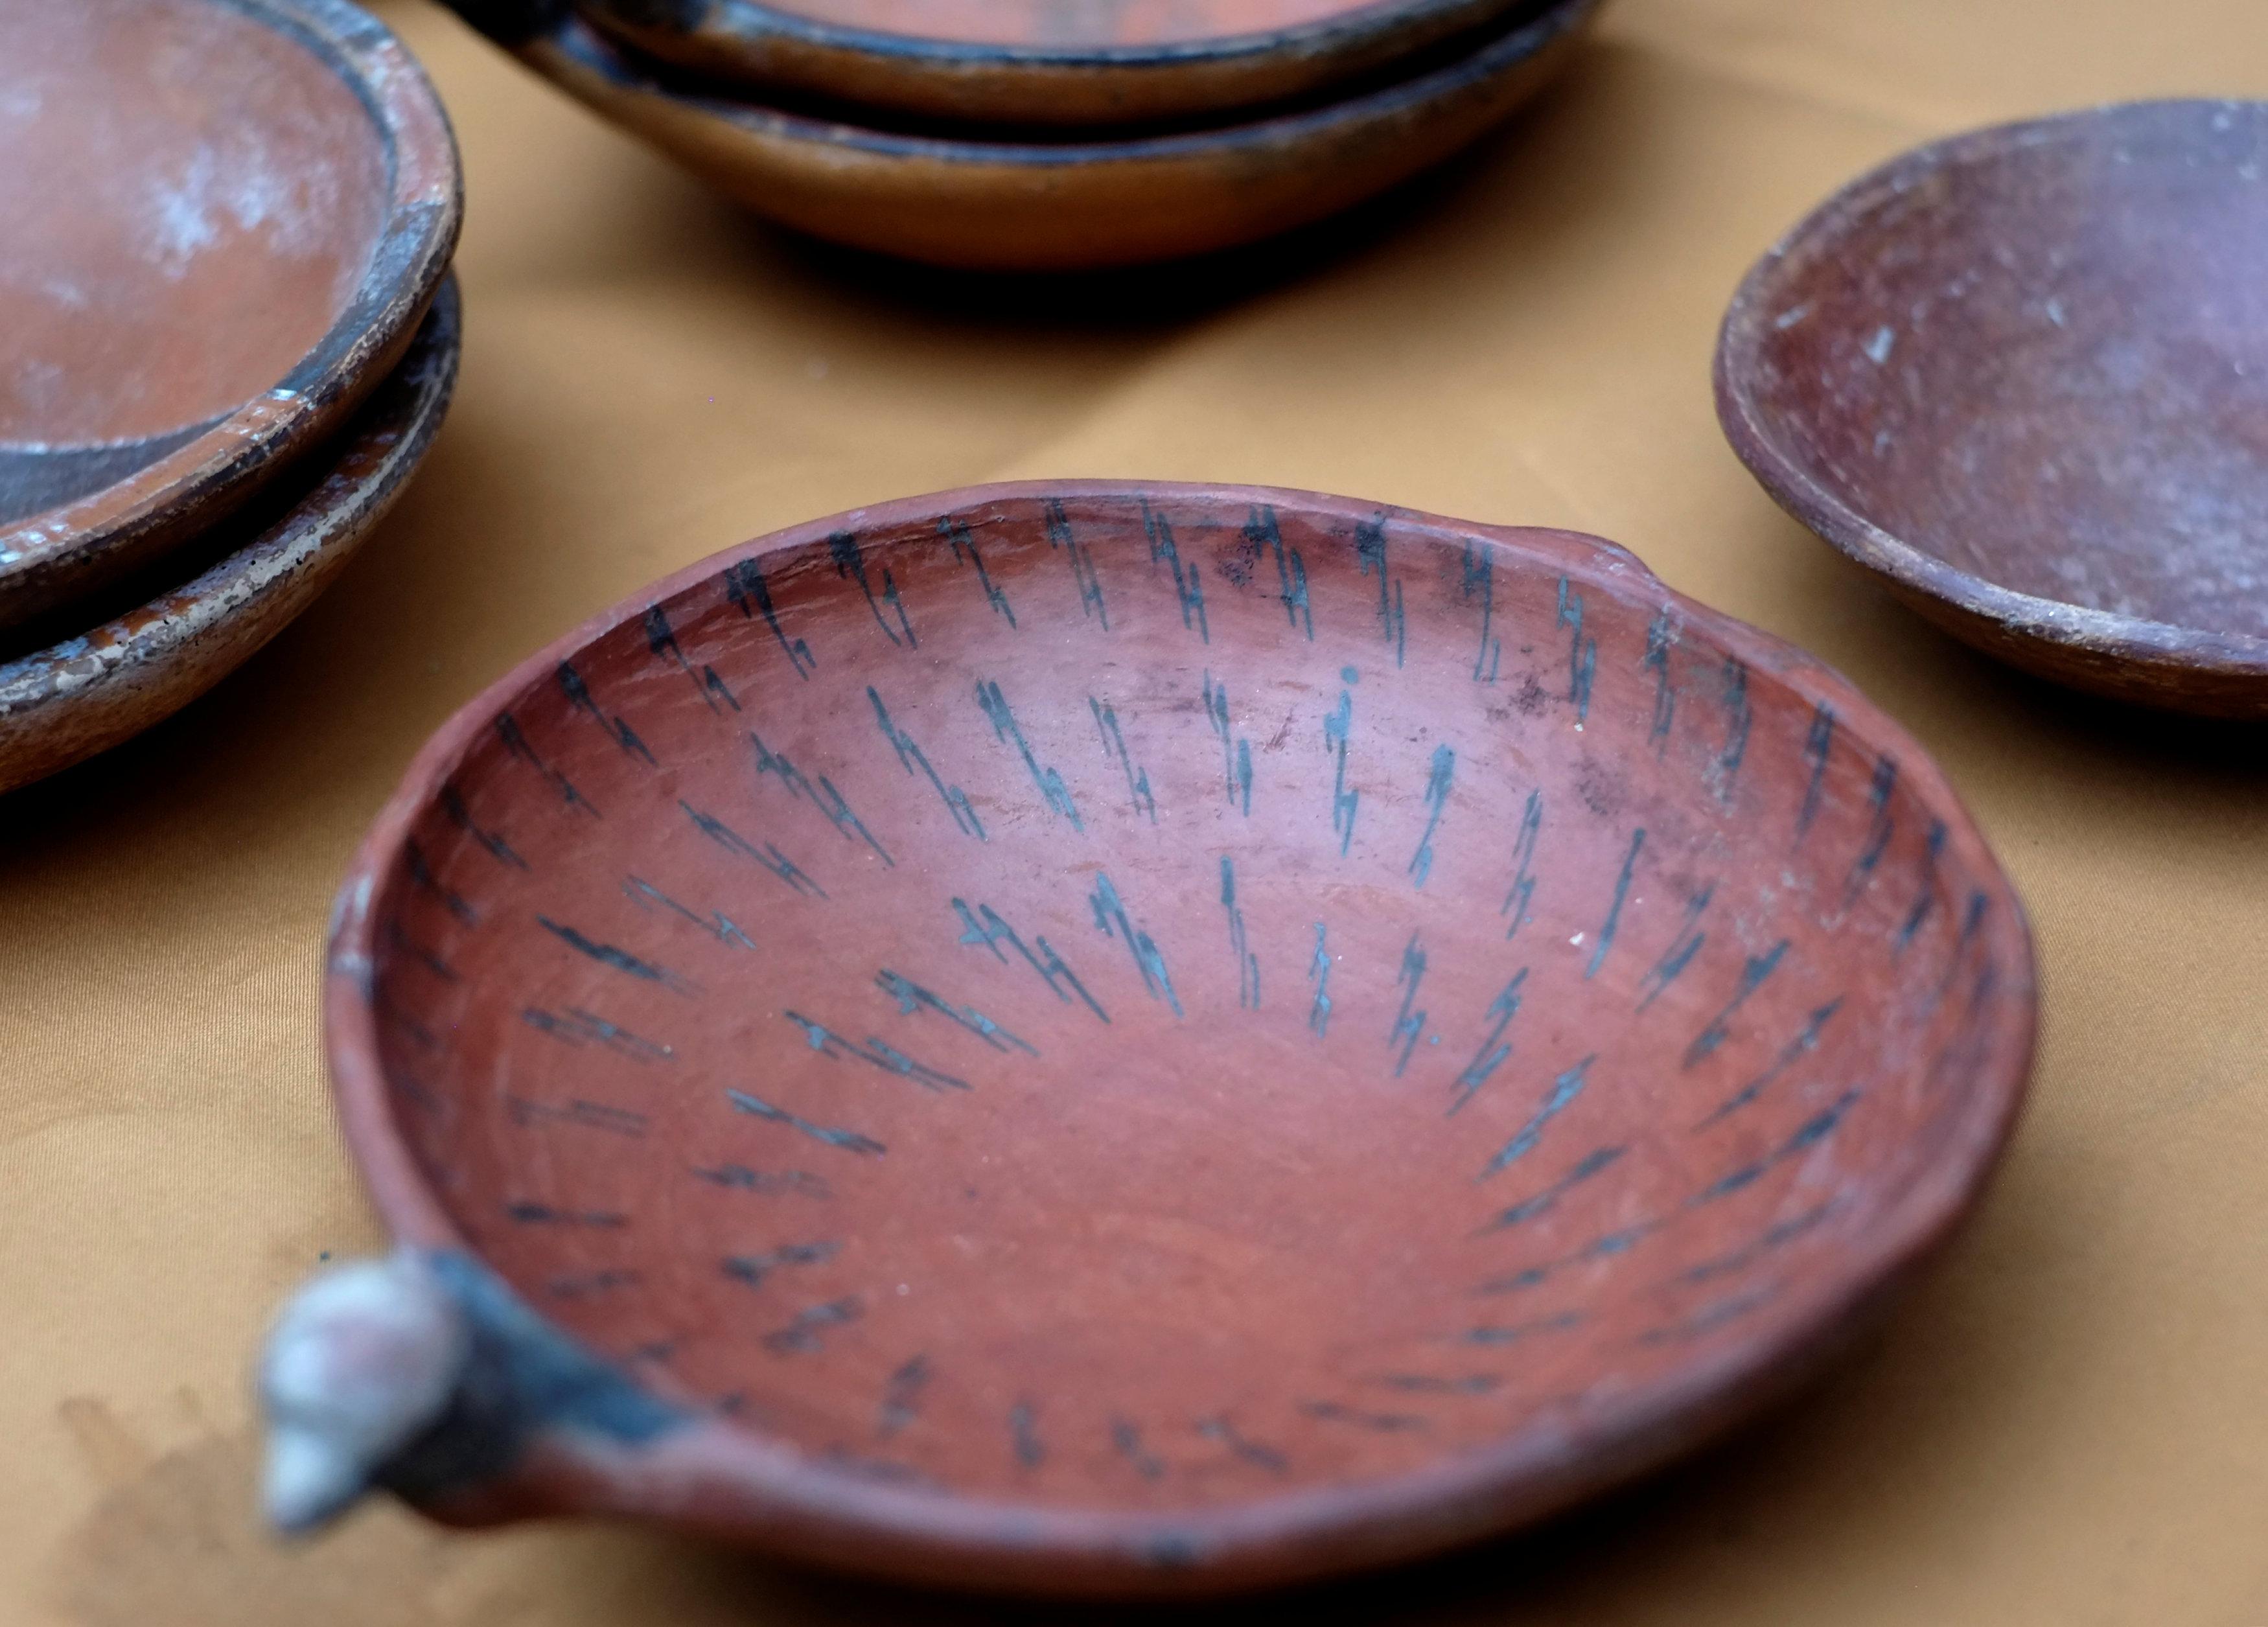 Piezas de cerámica se muestran como parte de un hallazgo arqueológico, en Mazo Cruz